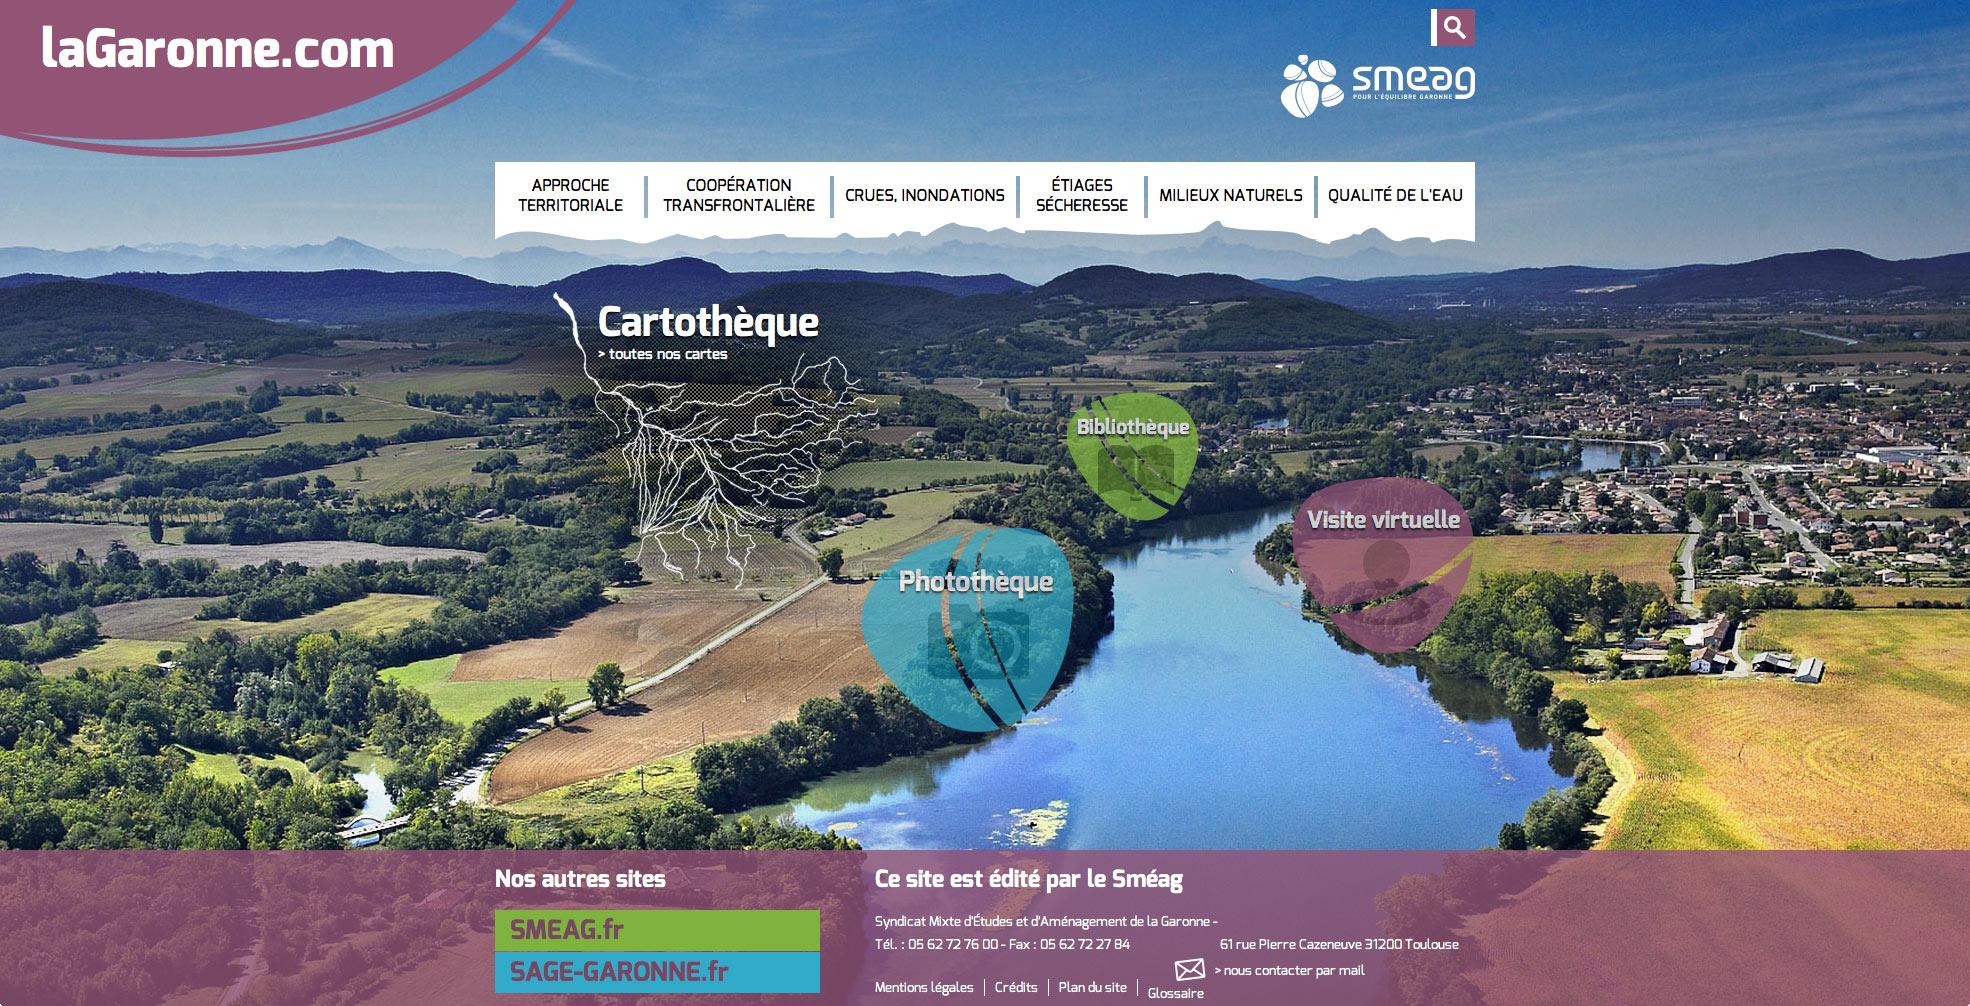 La Garonne : la garonne.com, un site réalisé par le SMEAG.